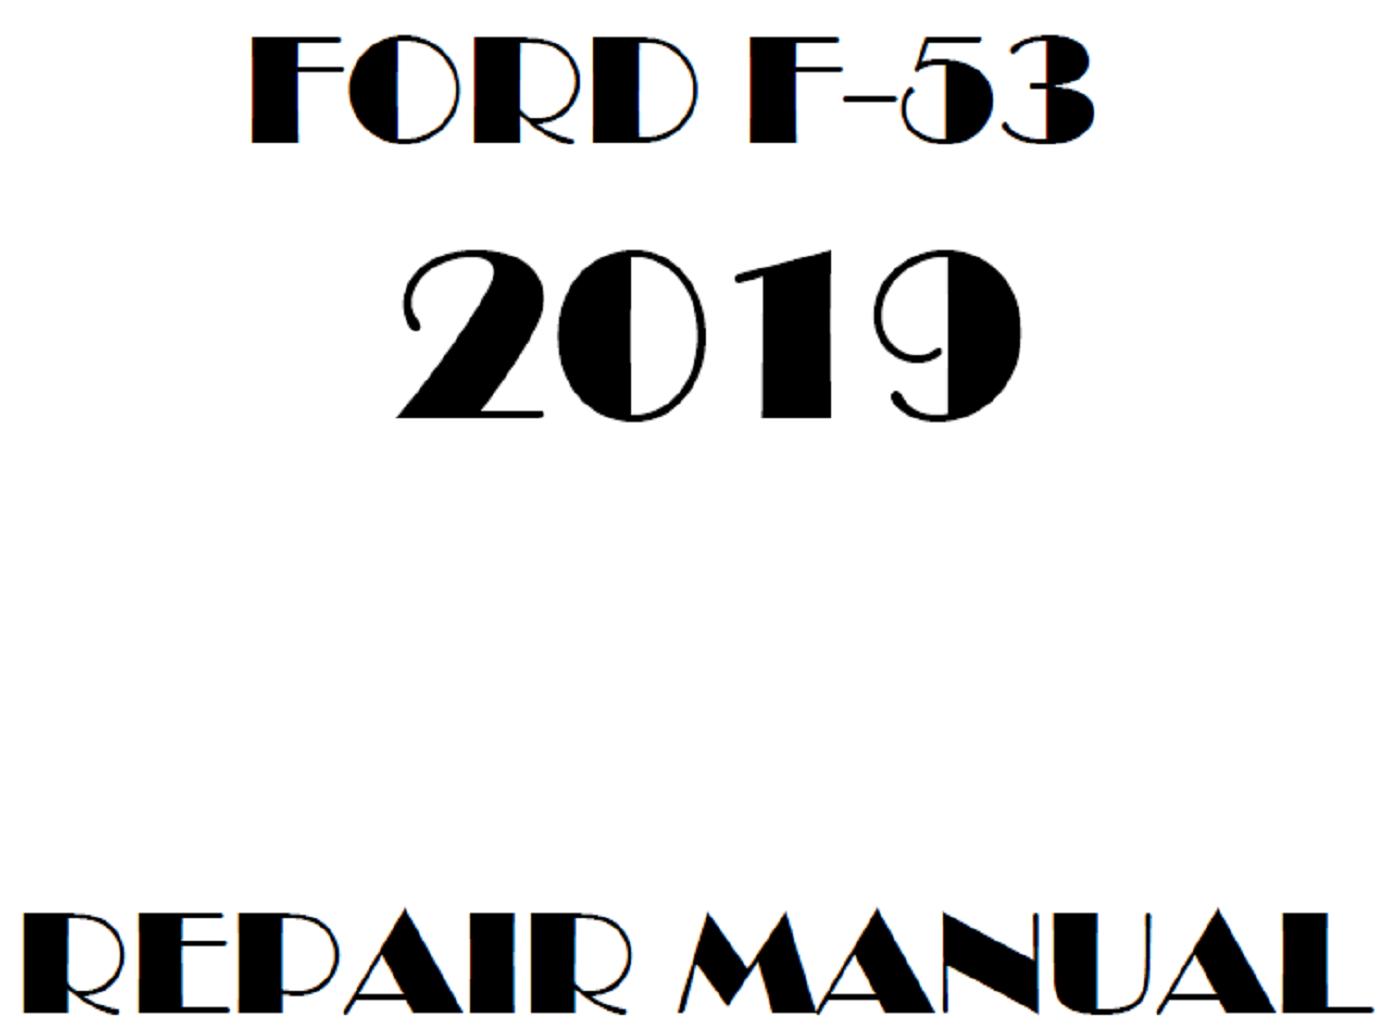 2019 Ford F53 Repair Manual